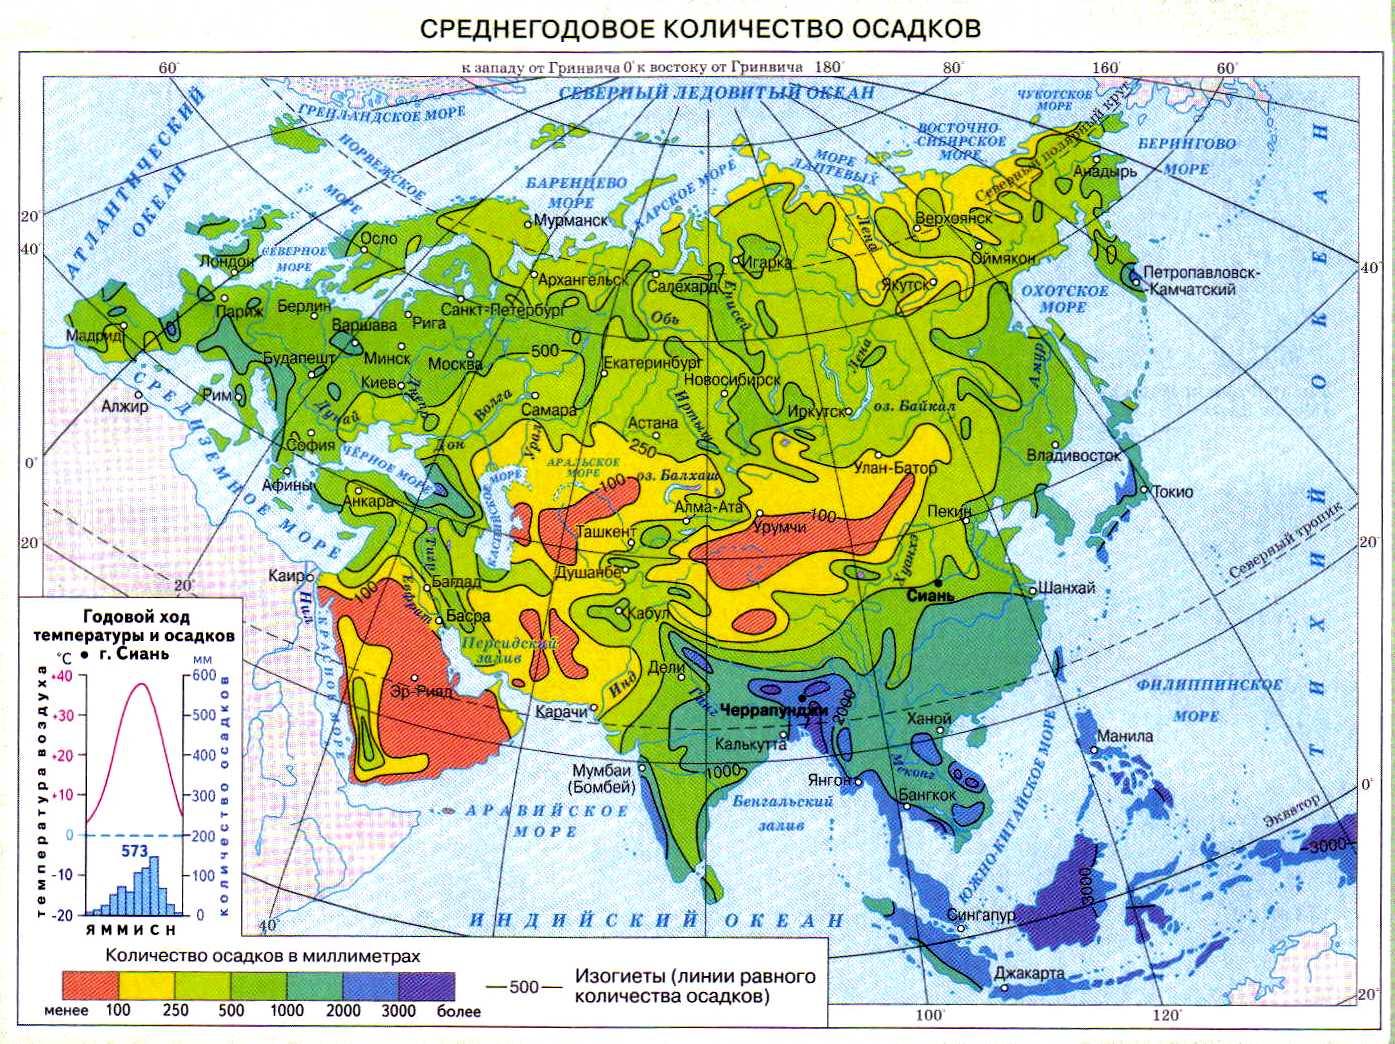 Евразия. Среднегодовое количество осадков